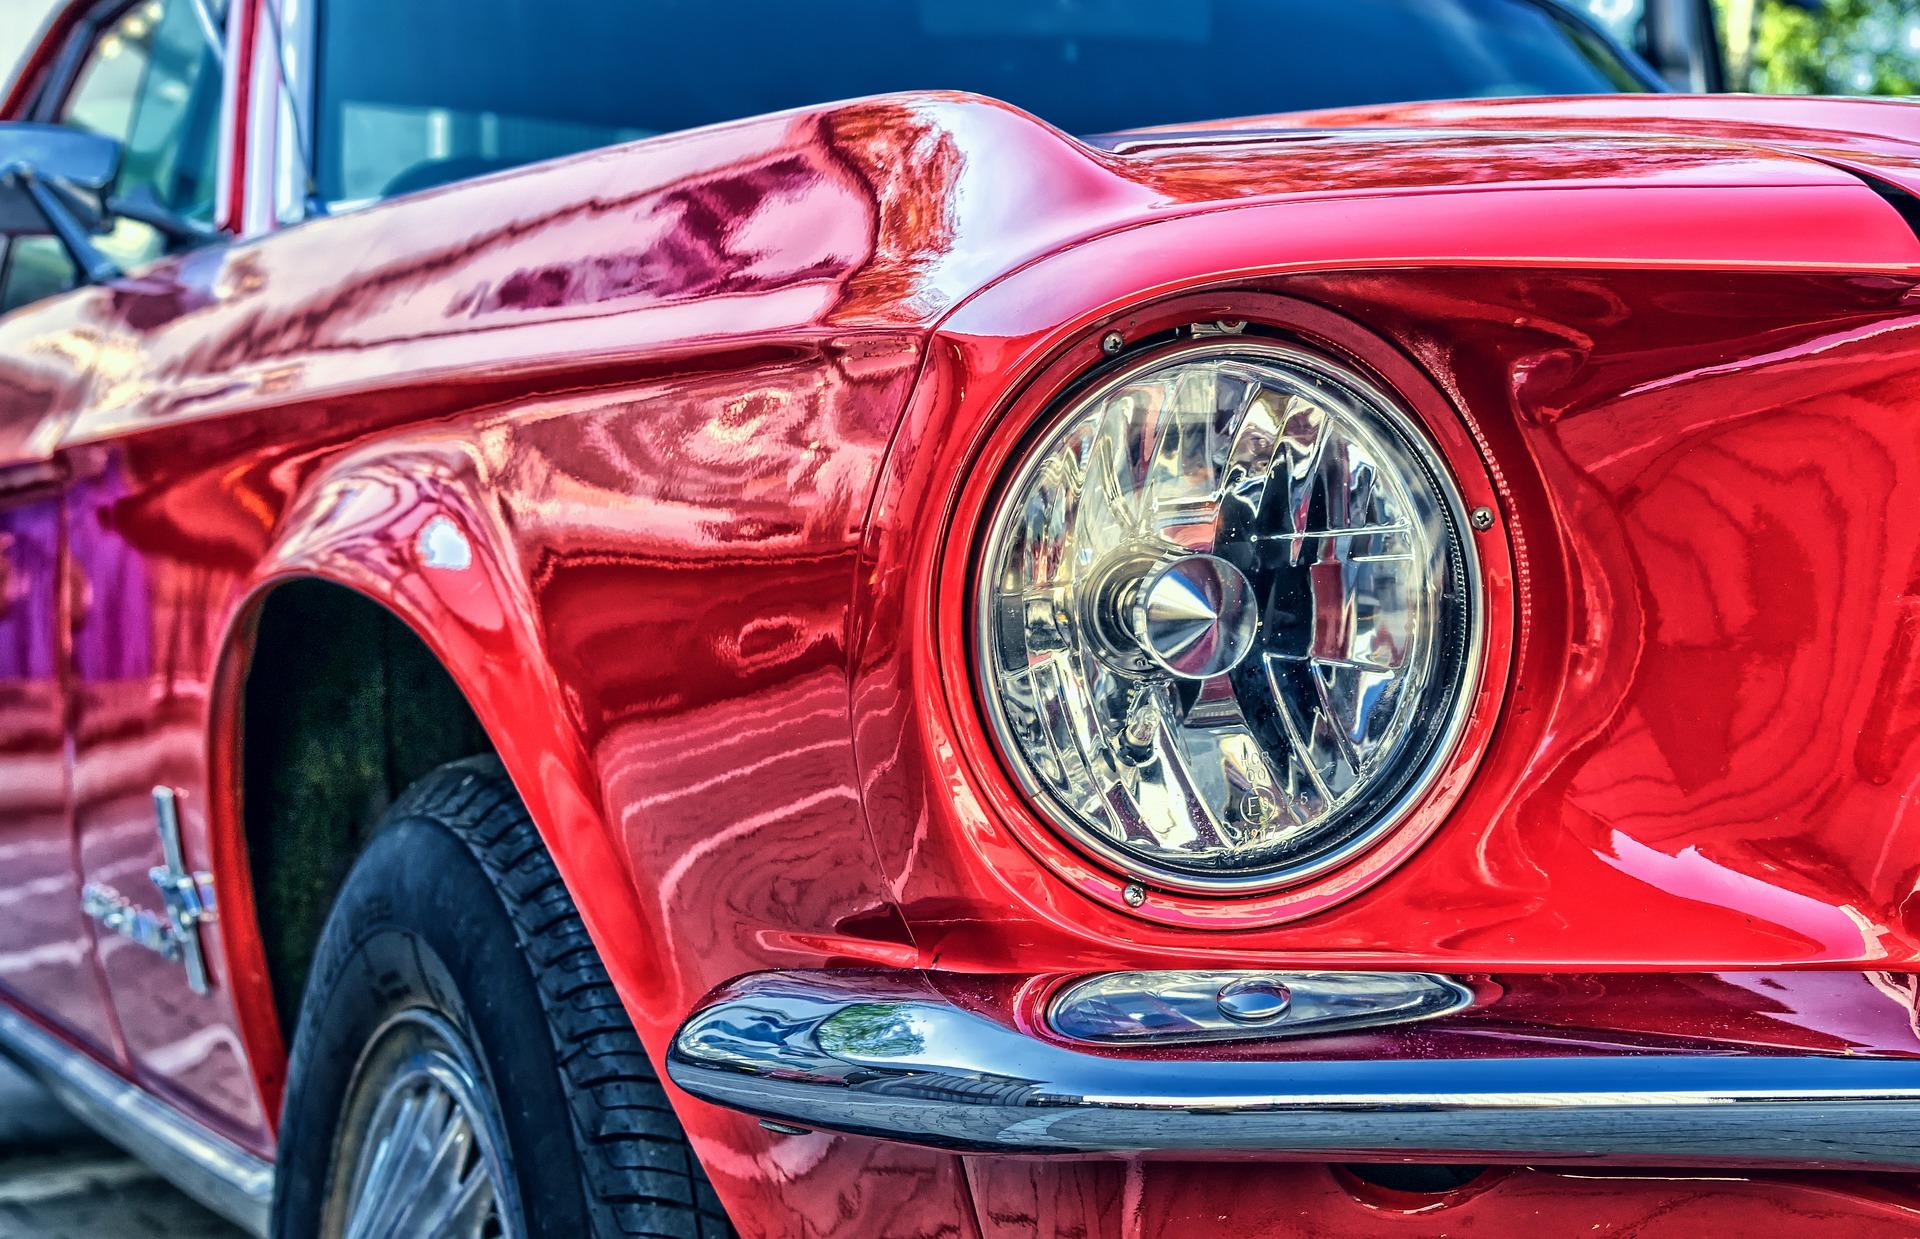 1- Comment effacer les rayures sur votre voiture?